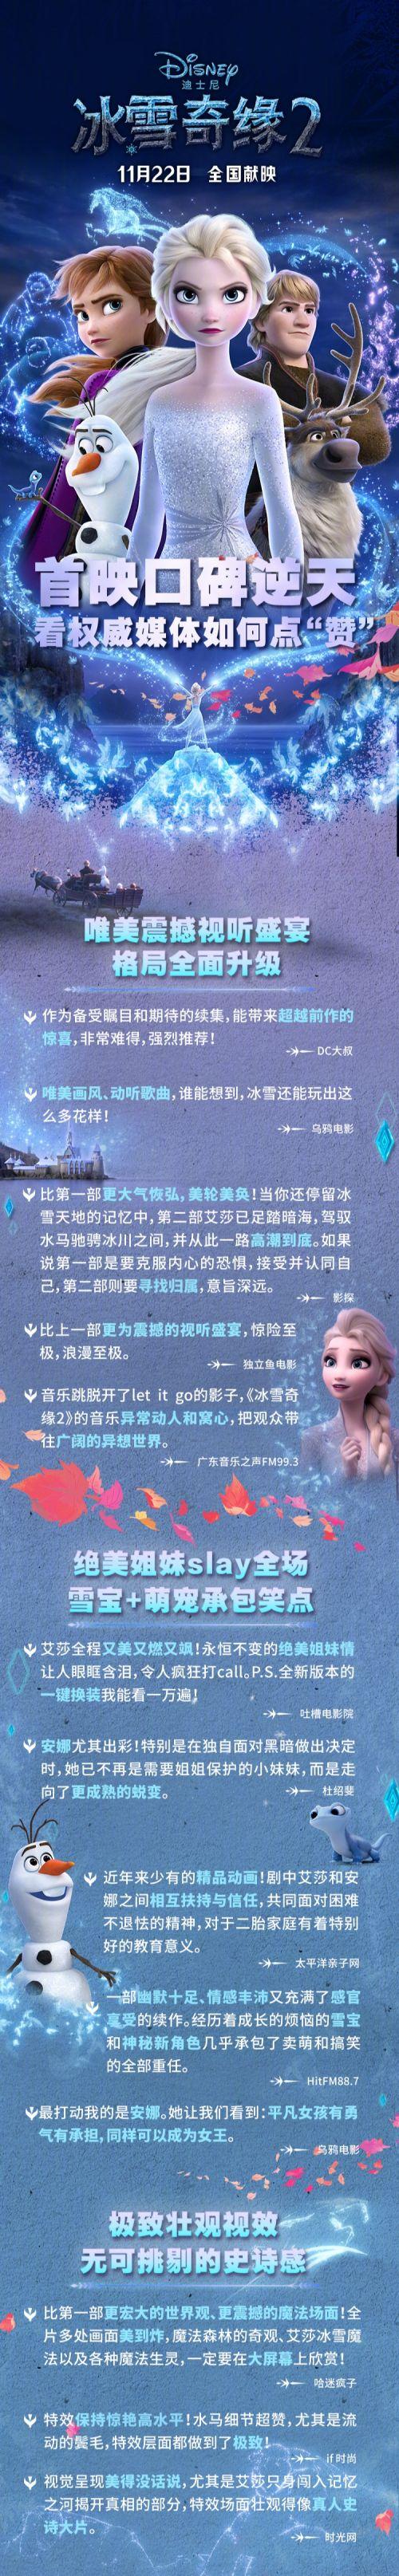 《冰雪奇缘2》首波国内口碑海量来袭引爆期待